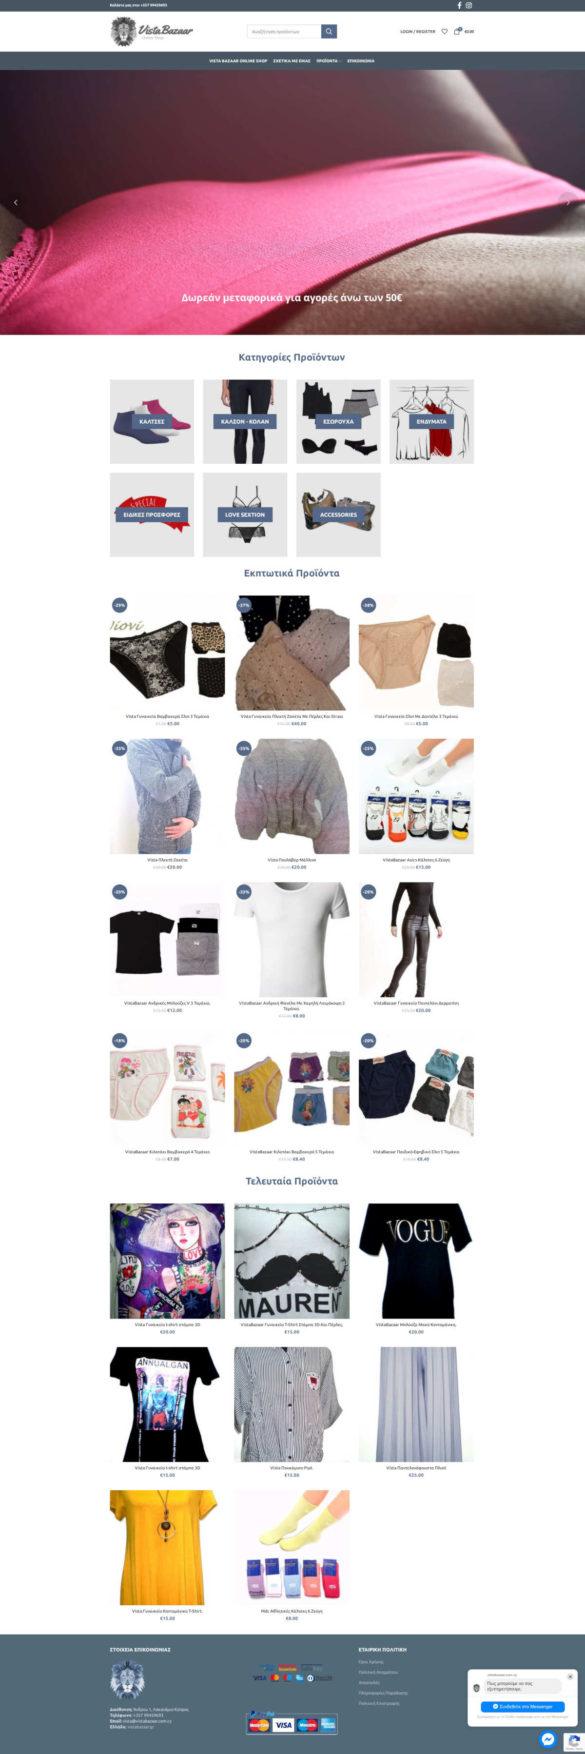 Vista Bazaar Online Shop - VistaBazaar